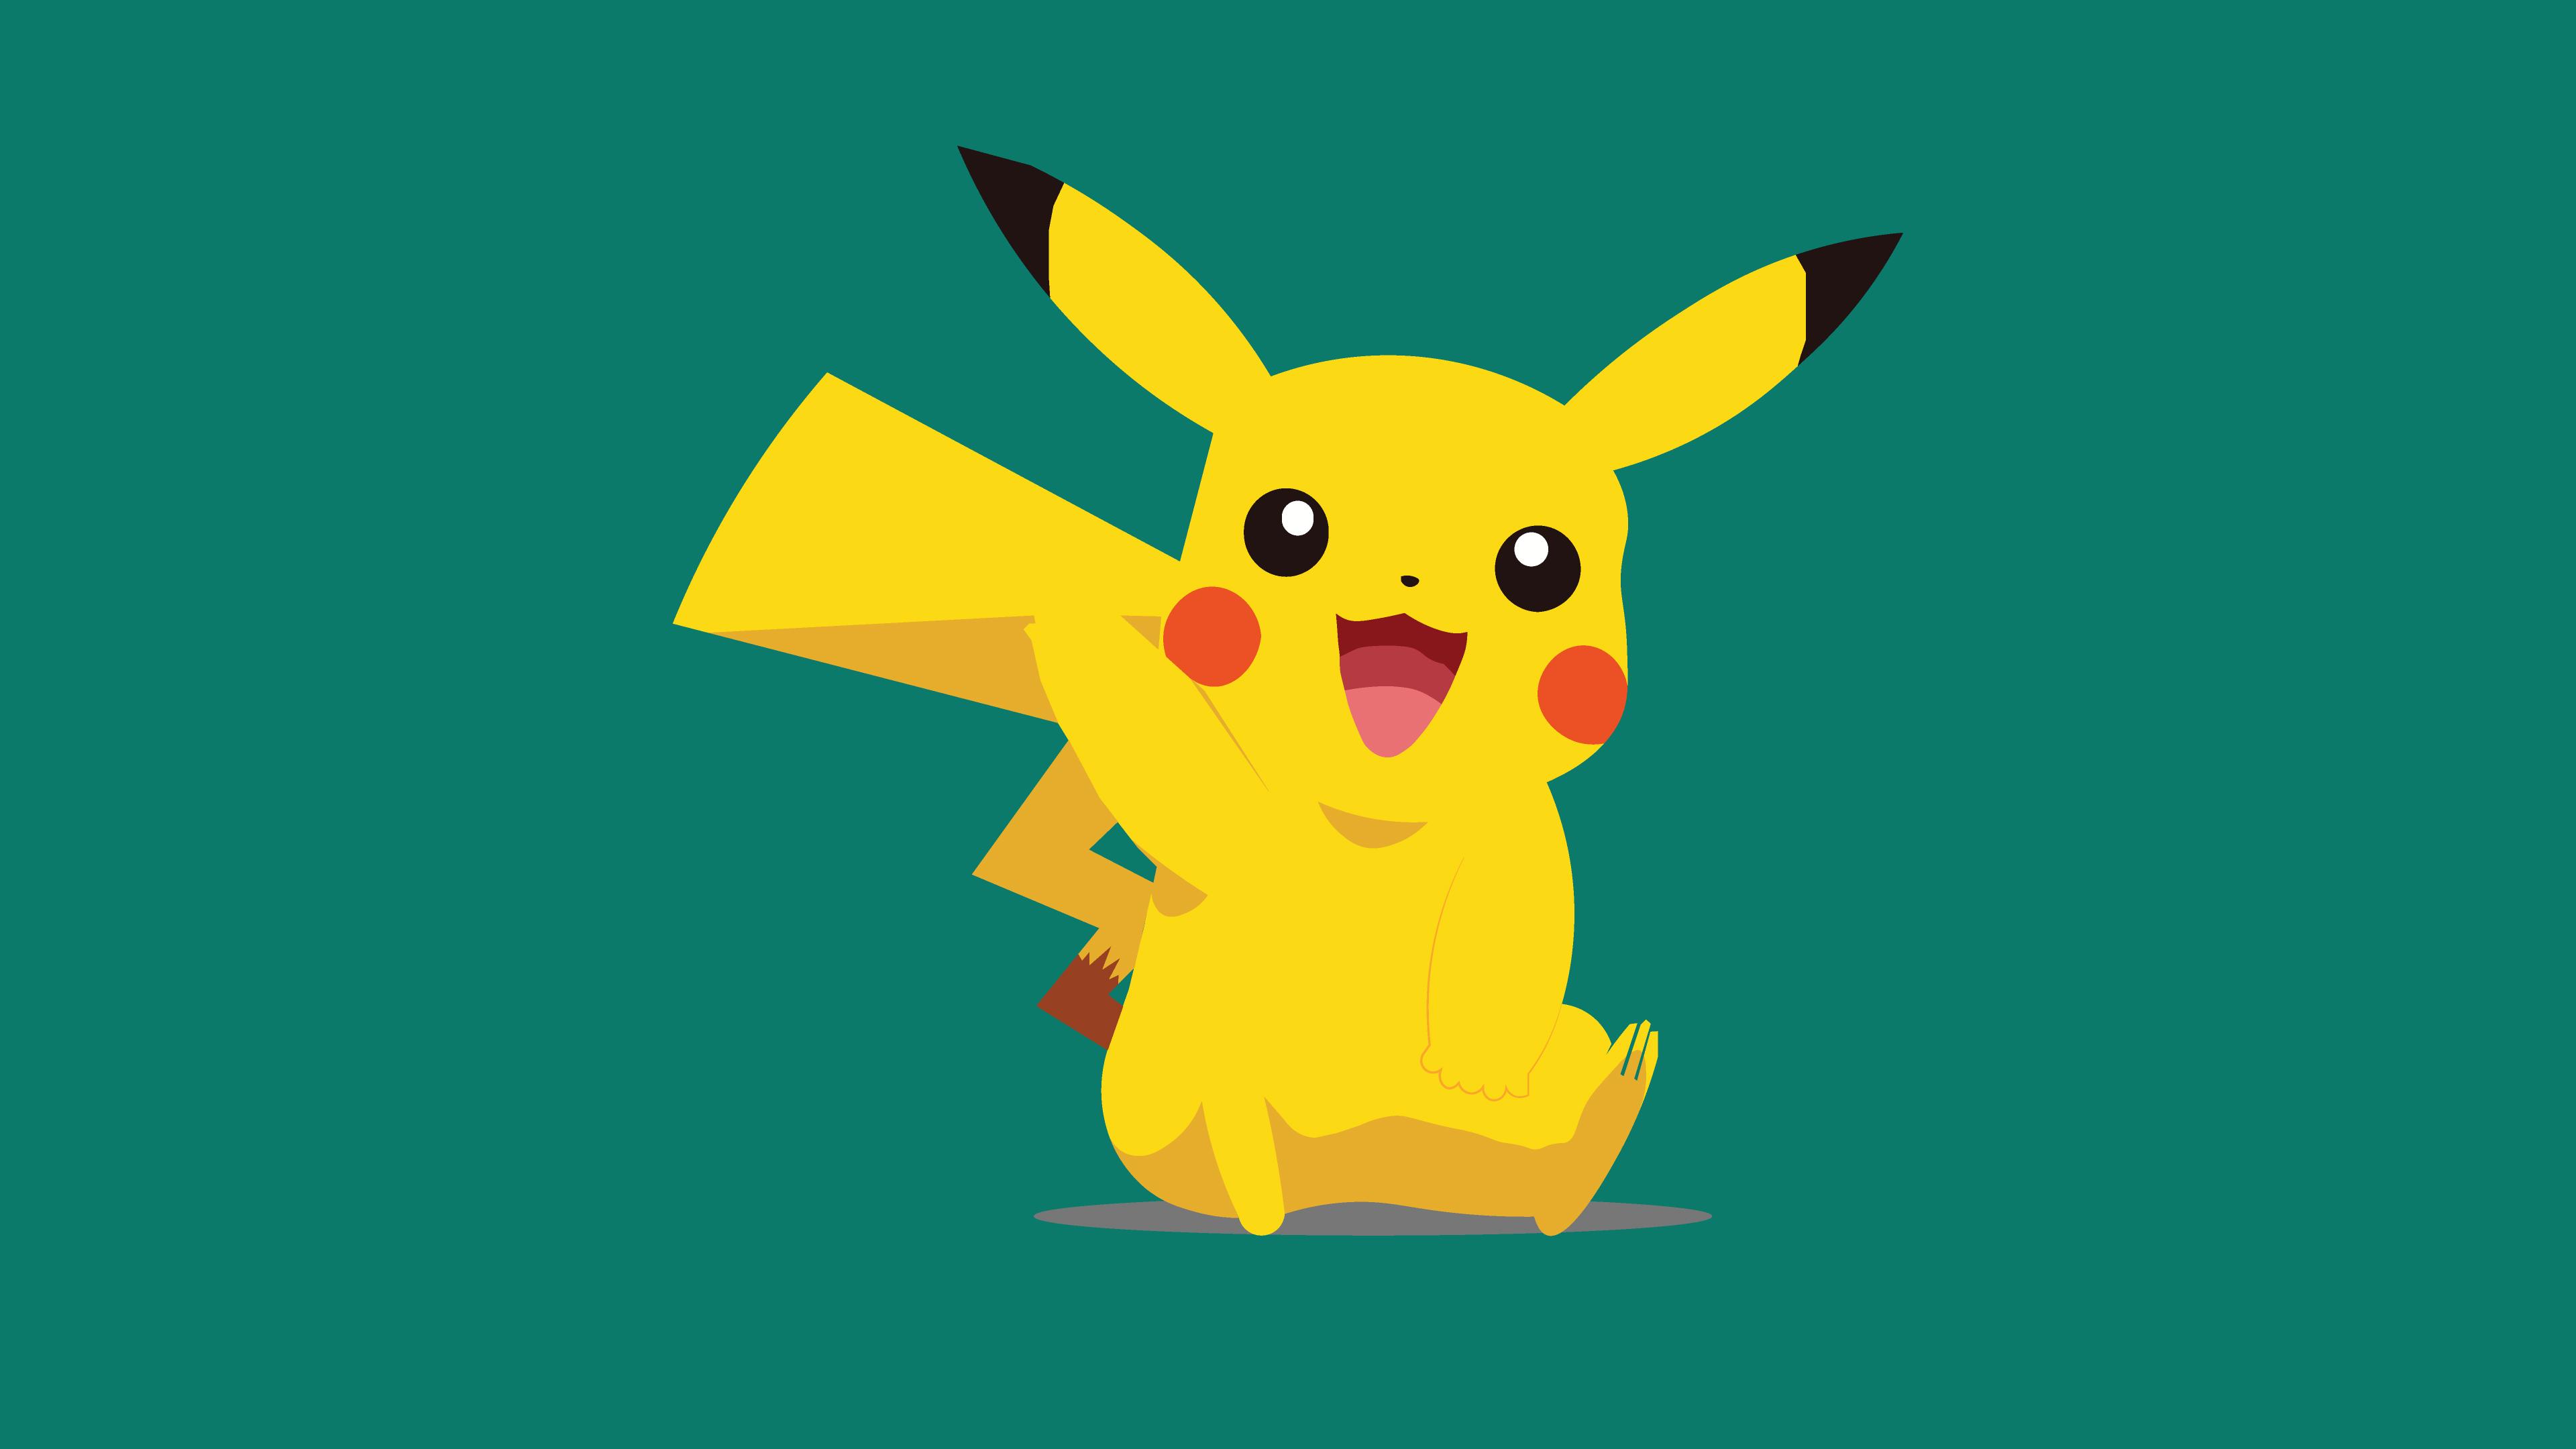 Free Desktop Wallpaper Anime Pikachu Wallpapers Hd Pixelstalk Net